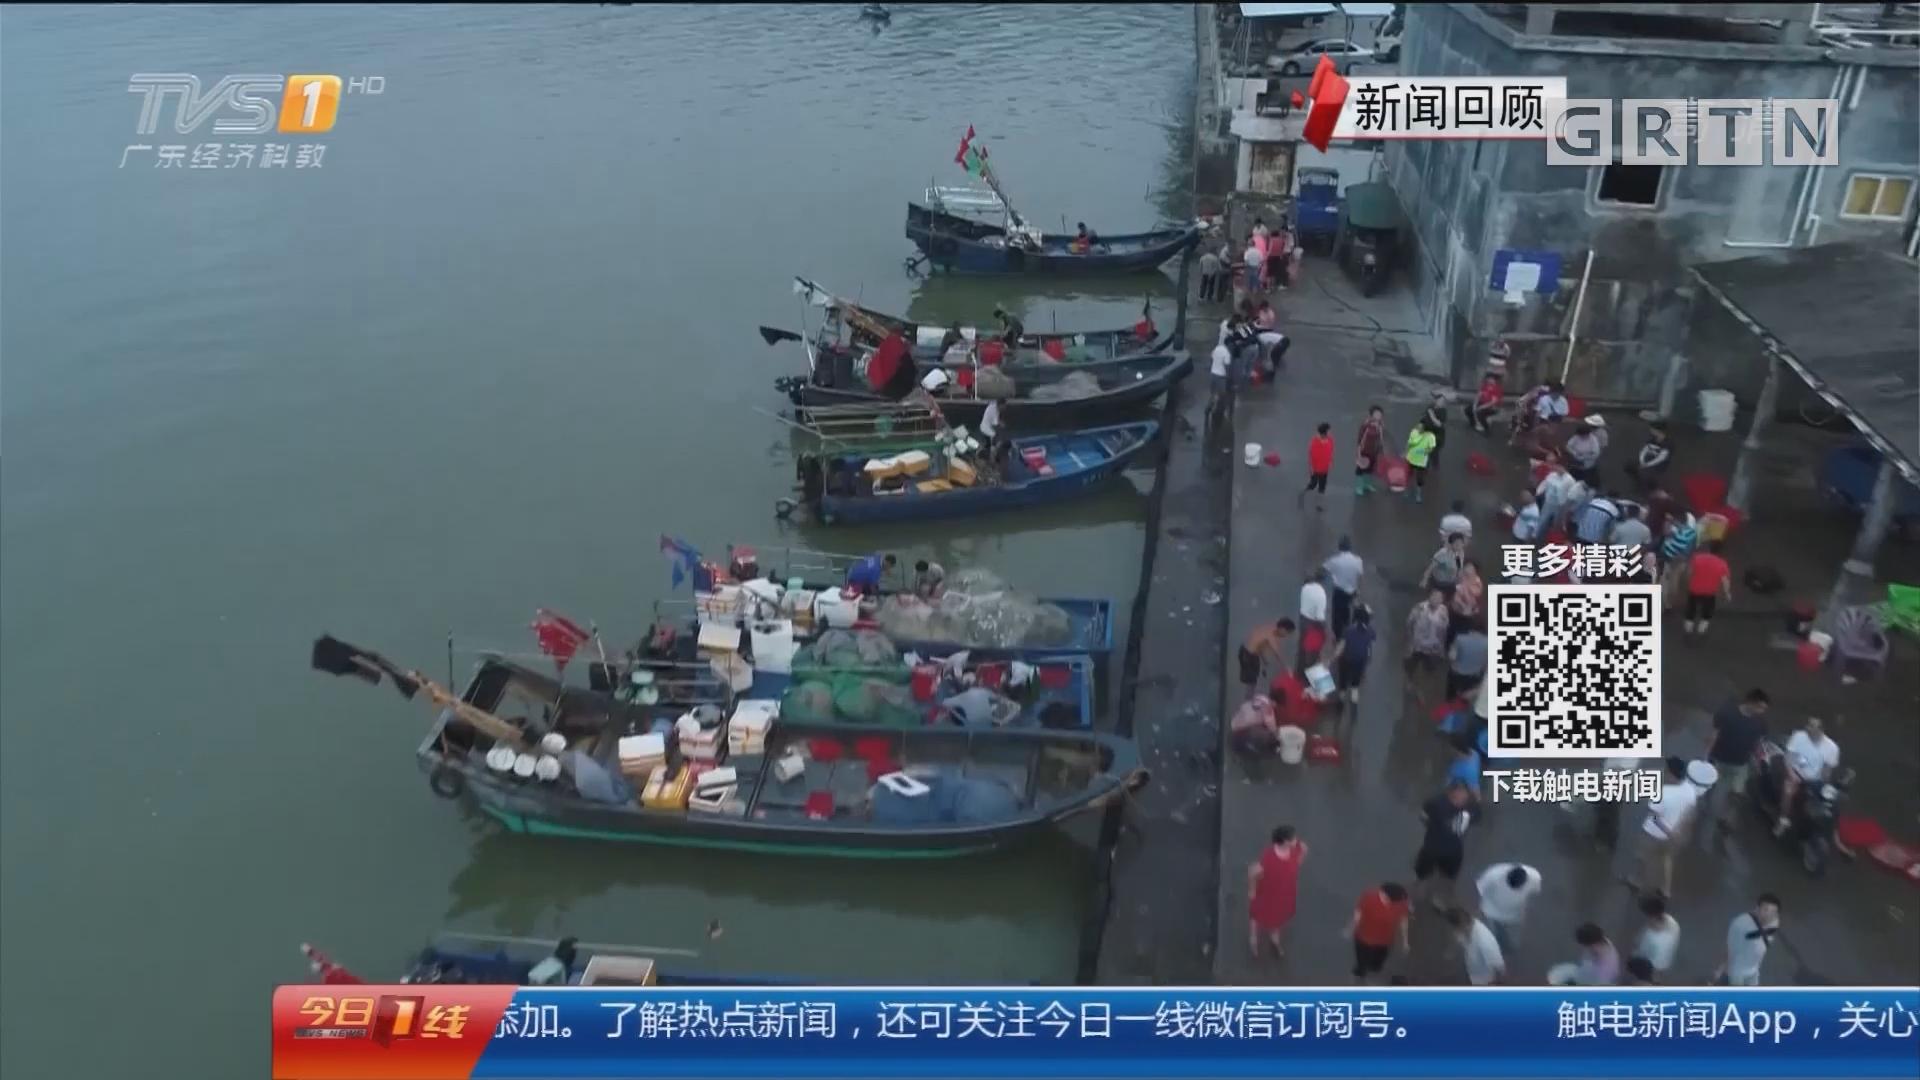 """一线调查:休渔期的""""渔获""""追踪 休渔期码头仍有交易 渔获哪来的?"""